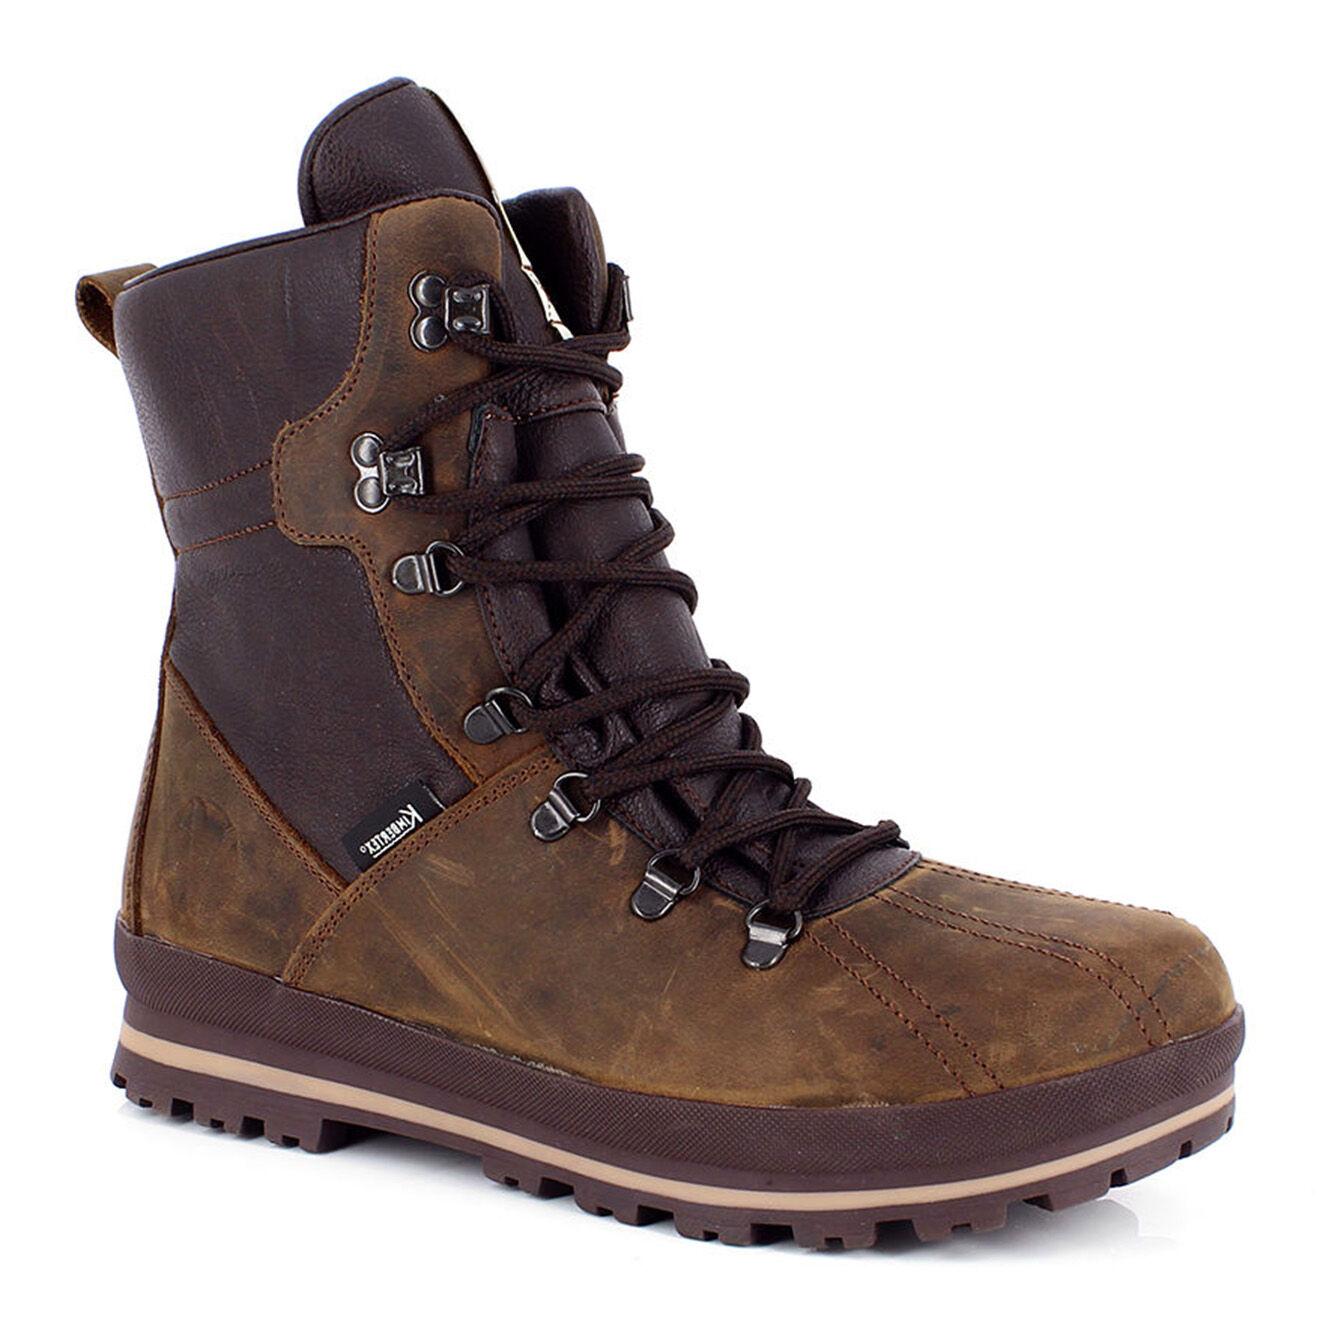 Boots fourrées Eiger marron/chocolat - Kimberfeel - Modalova